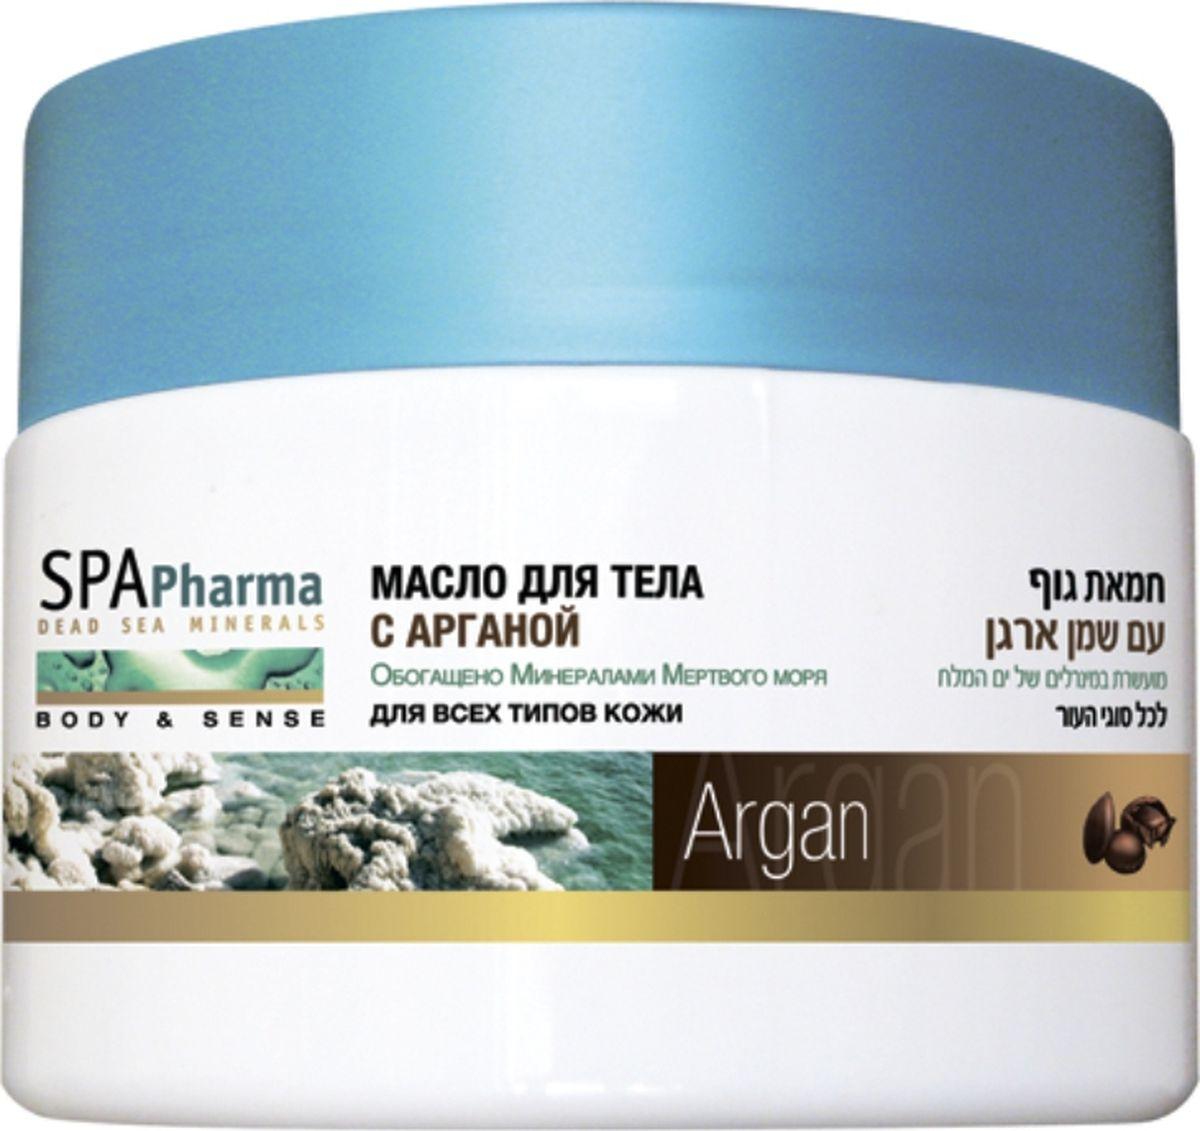 Spa Pharma Масло для тела с арганой для всех типов кожи (антивозрастное), Spa Pharma 350 млAC-2233_серыйМасло арганы позволяет замедлить старение кожи и обладает противовоспалительным эффектом; тонизирует, обновляет и омолаживает, позволяя сохранить красоту кожи в течение длительного времени.Подходит для ежедневного использования, не липкое и без жирной пленки.